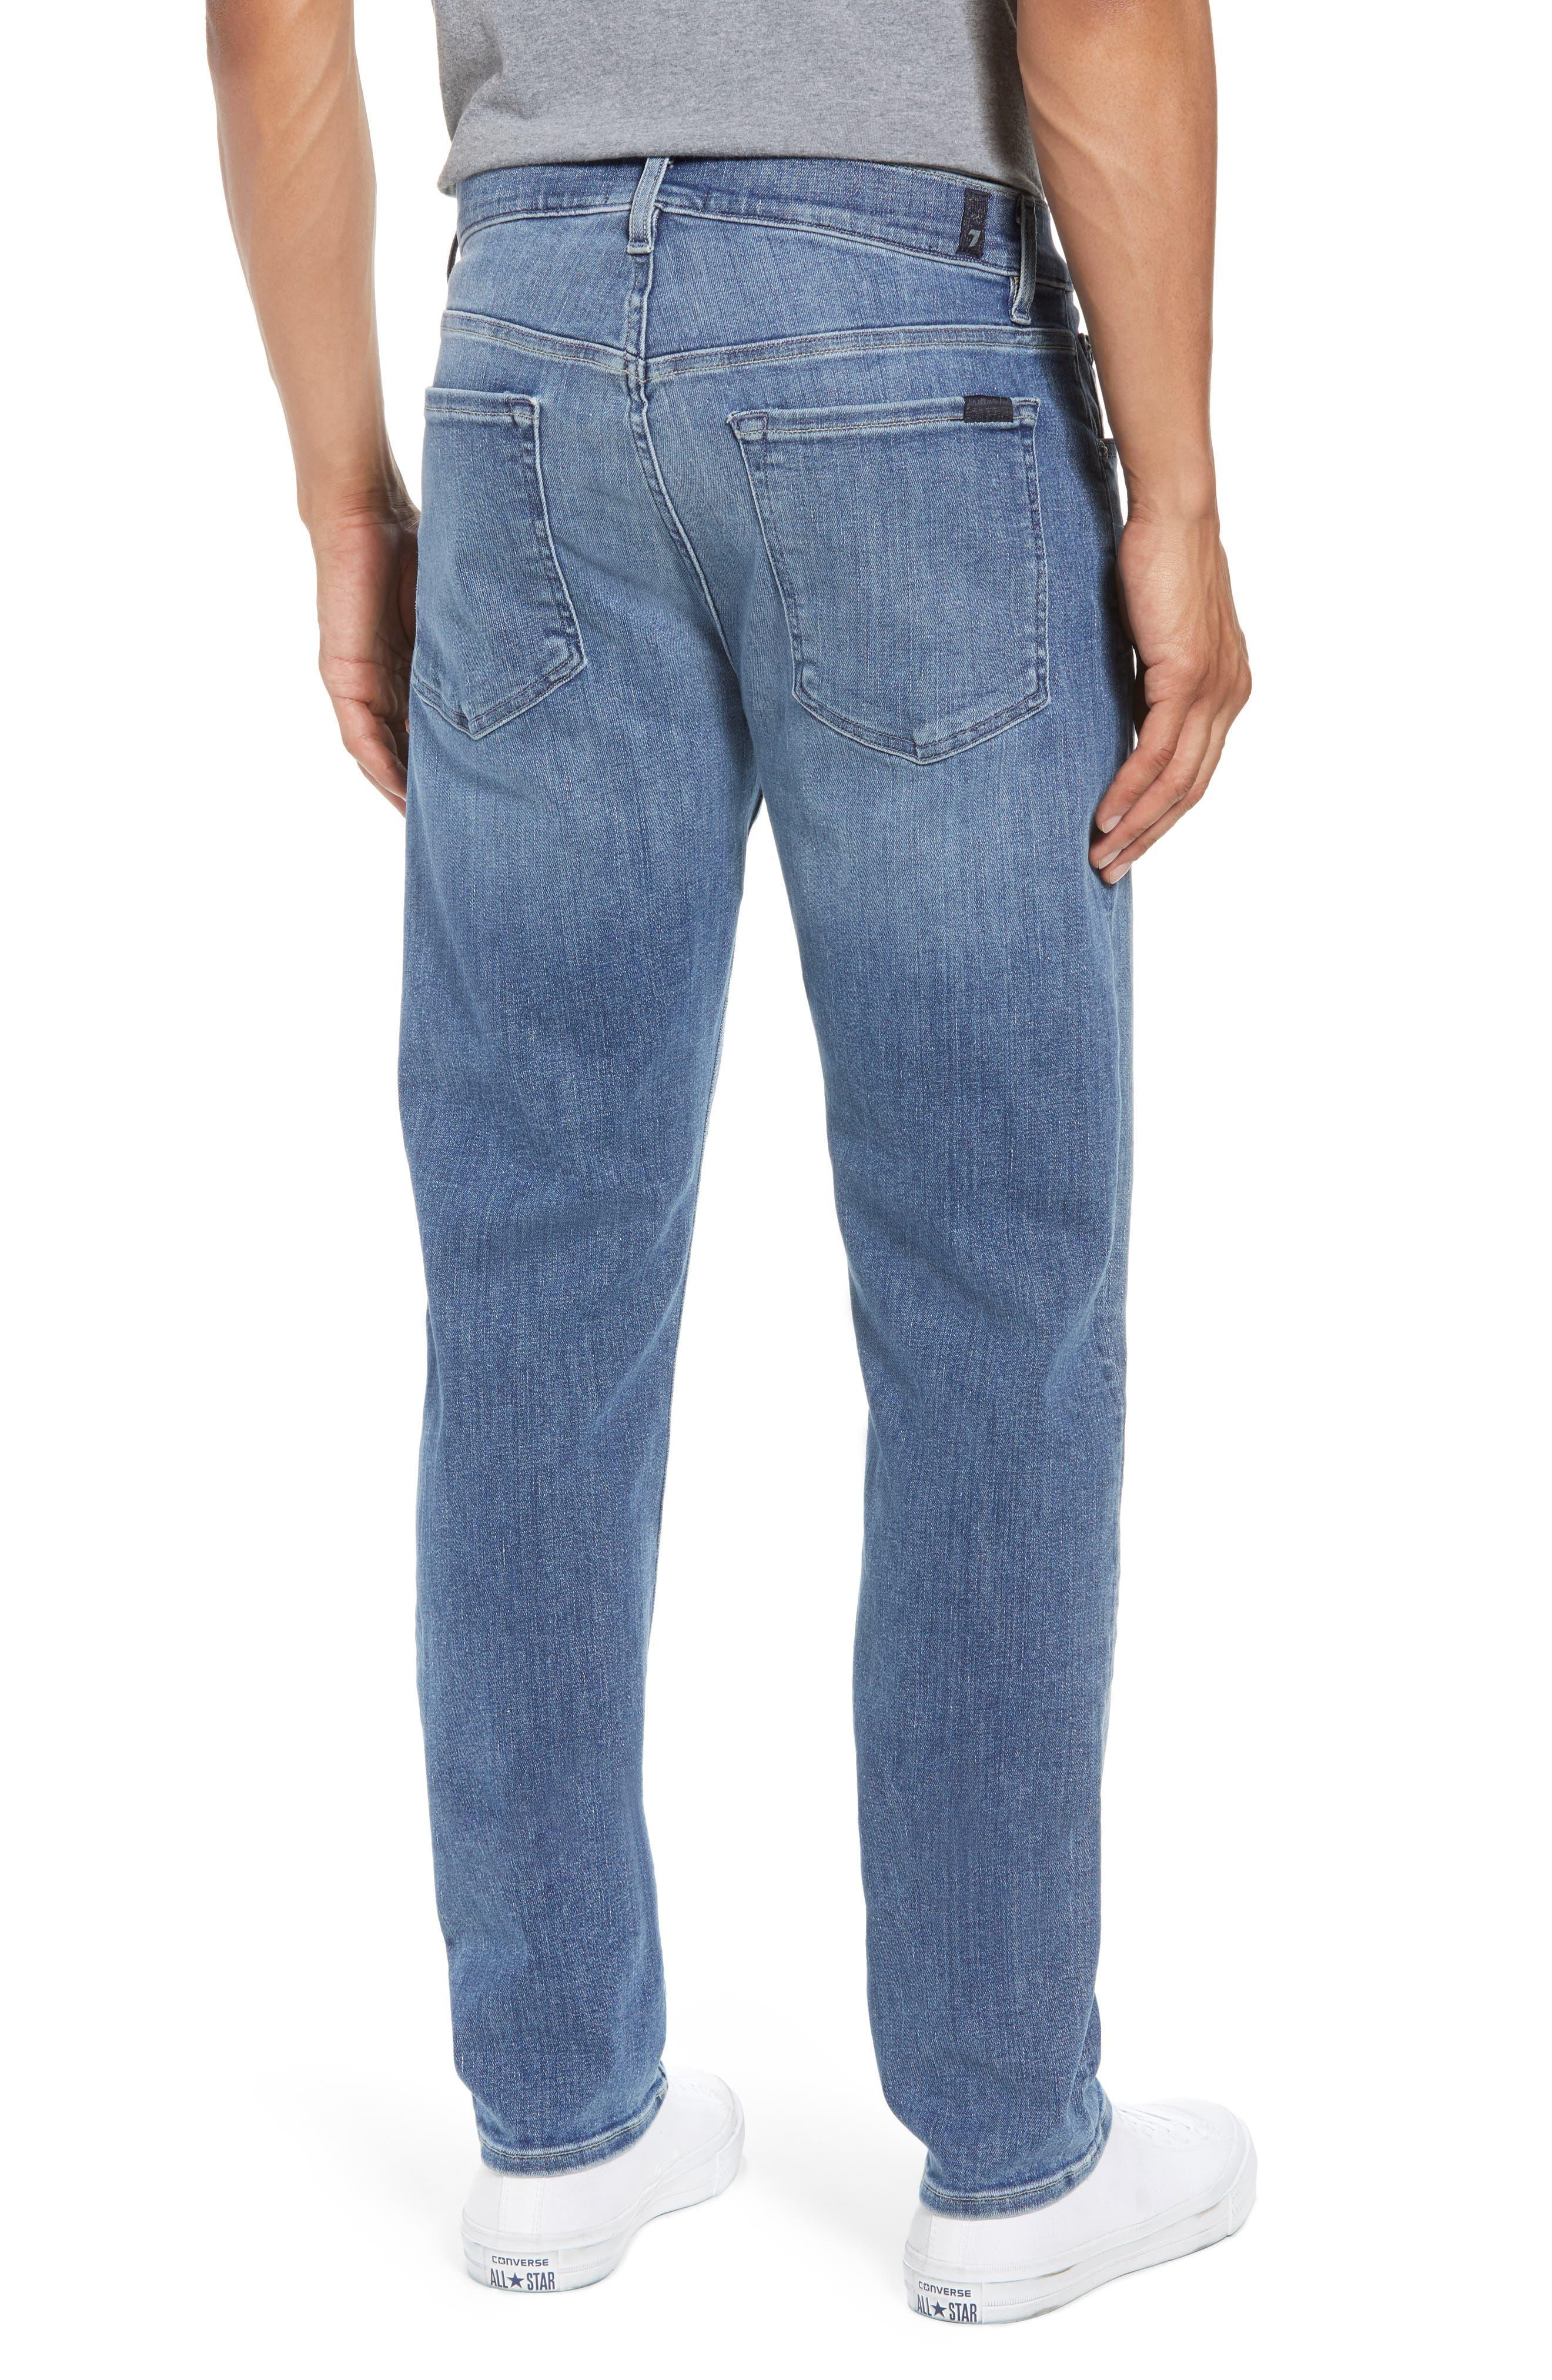 Adrien Slim Fit Jeans,                             Alternate thumbnail 2, color,                             VORTEX